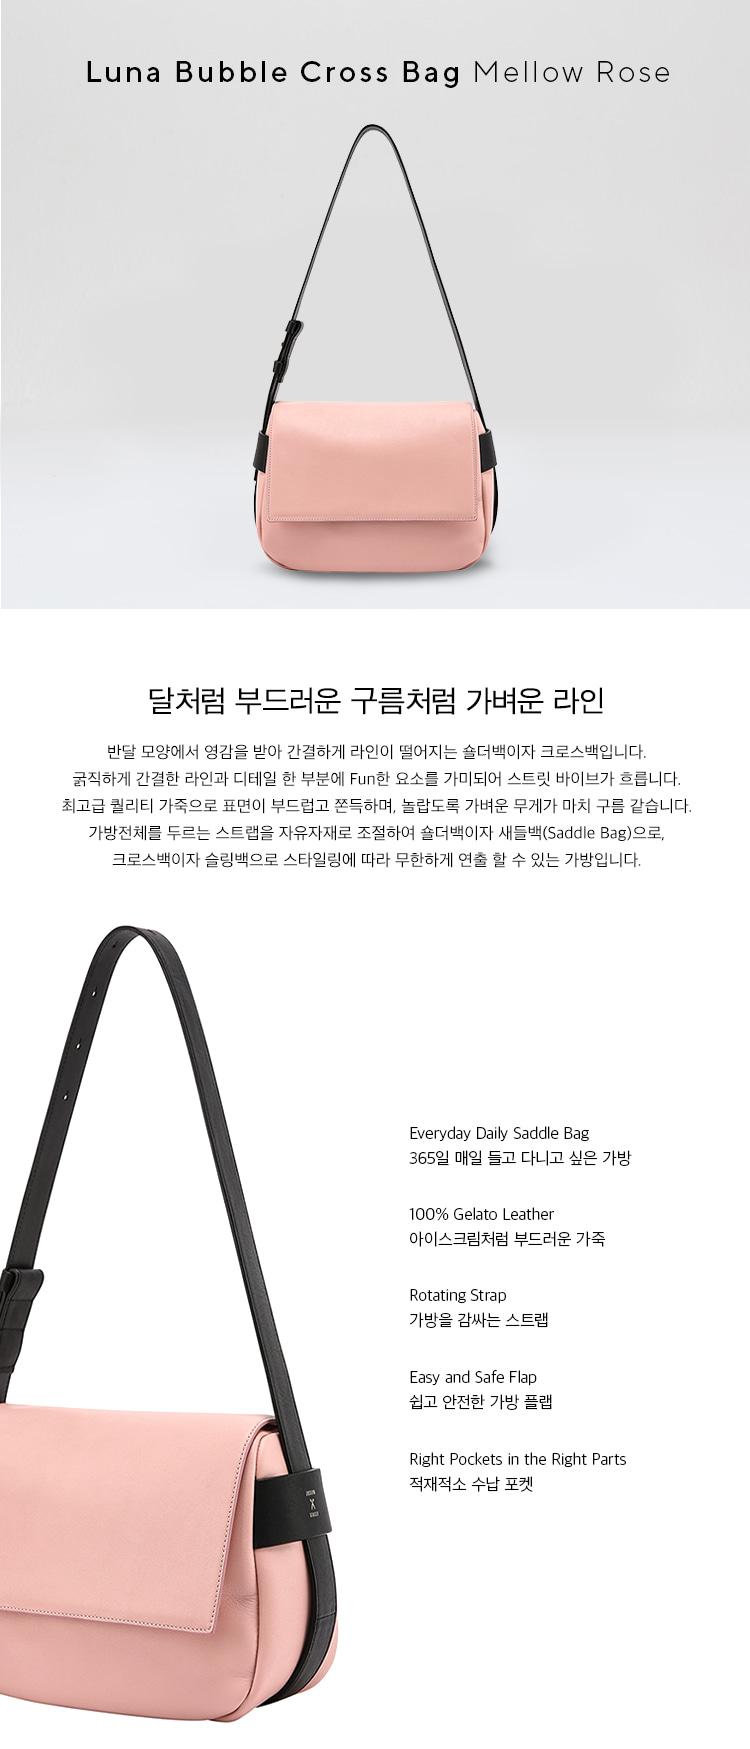 조셉앤스테이시(JOSEPH&STACEY) Luna Bubble Cross Bag Mellow Rose